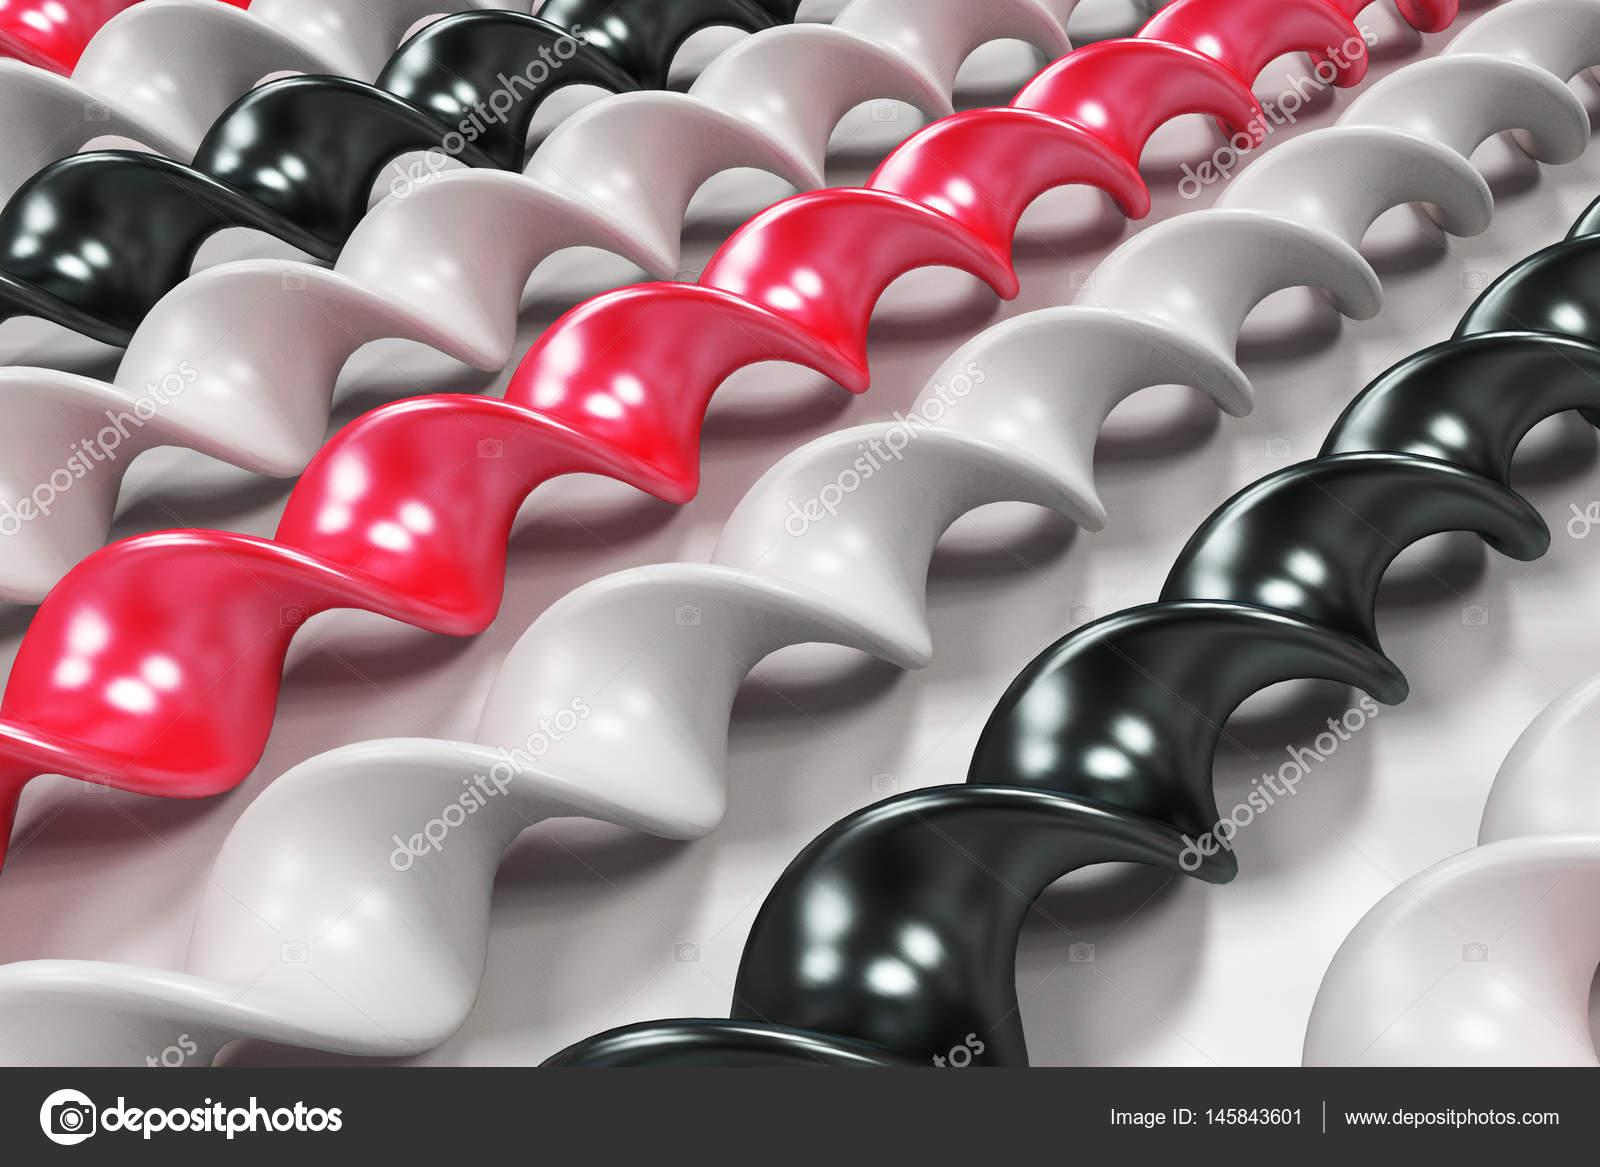 noir blanc et rouge spirale en plastique colle sur fond blanc photographie ezebolov 145843601. Black Bedroom Furniture Sets. Home Design Ideas